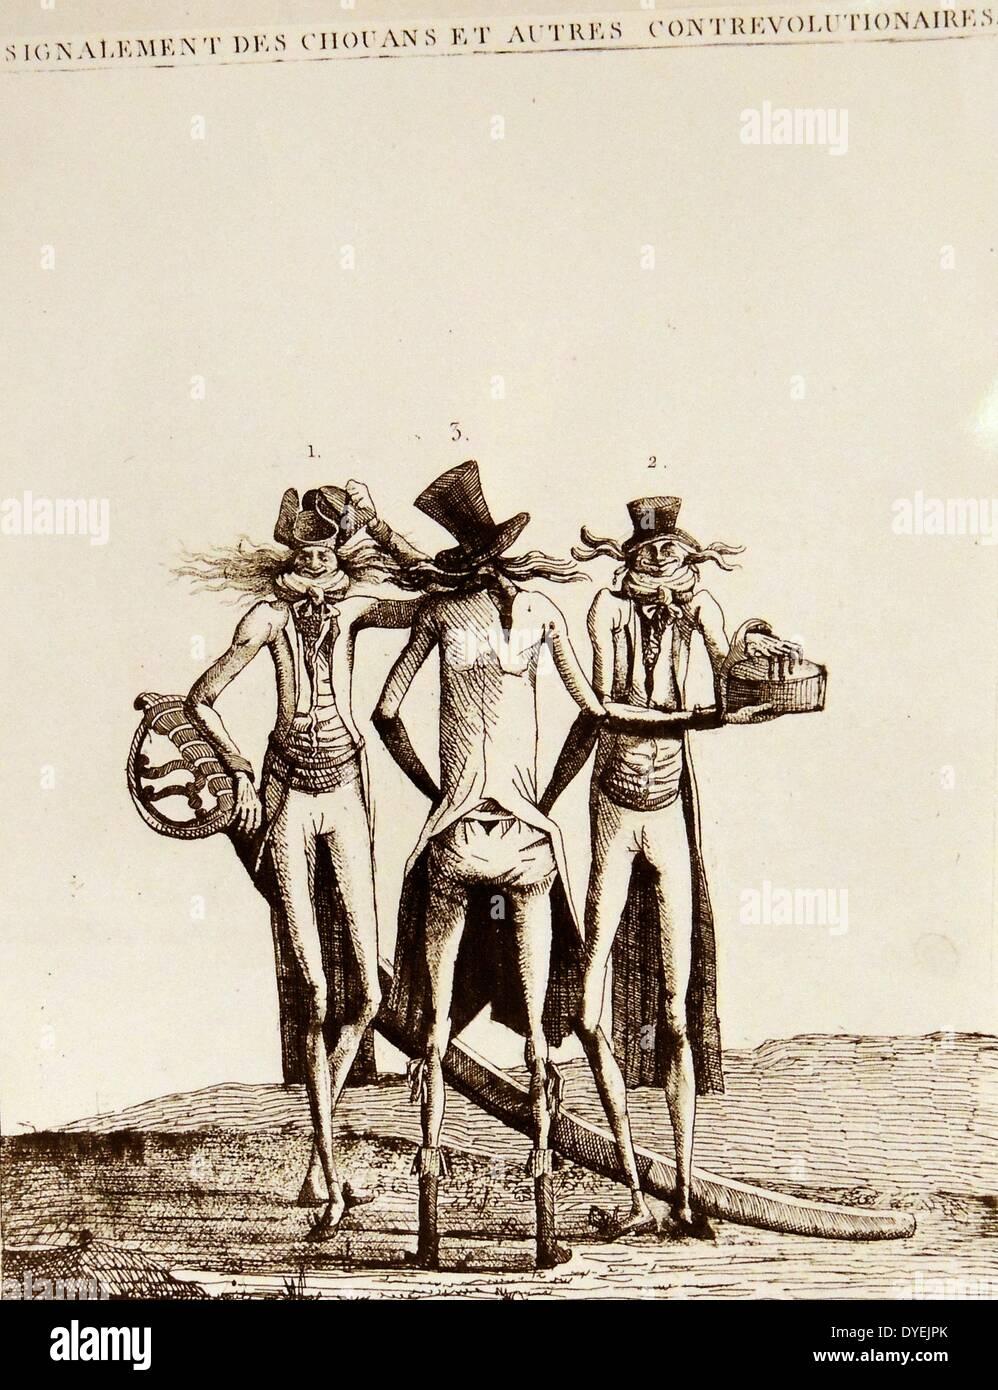 Signalement de chouans et autre contre-revolutionnaires Caricature - Stock Image